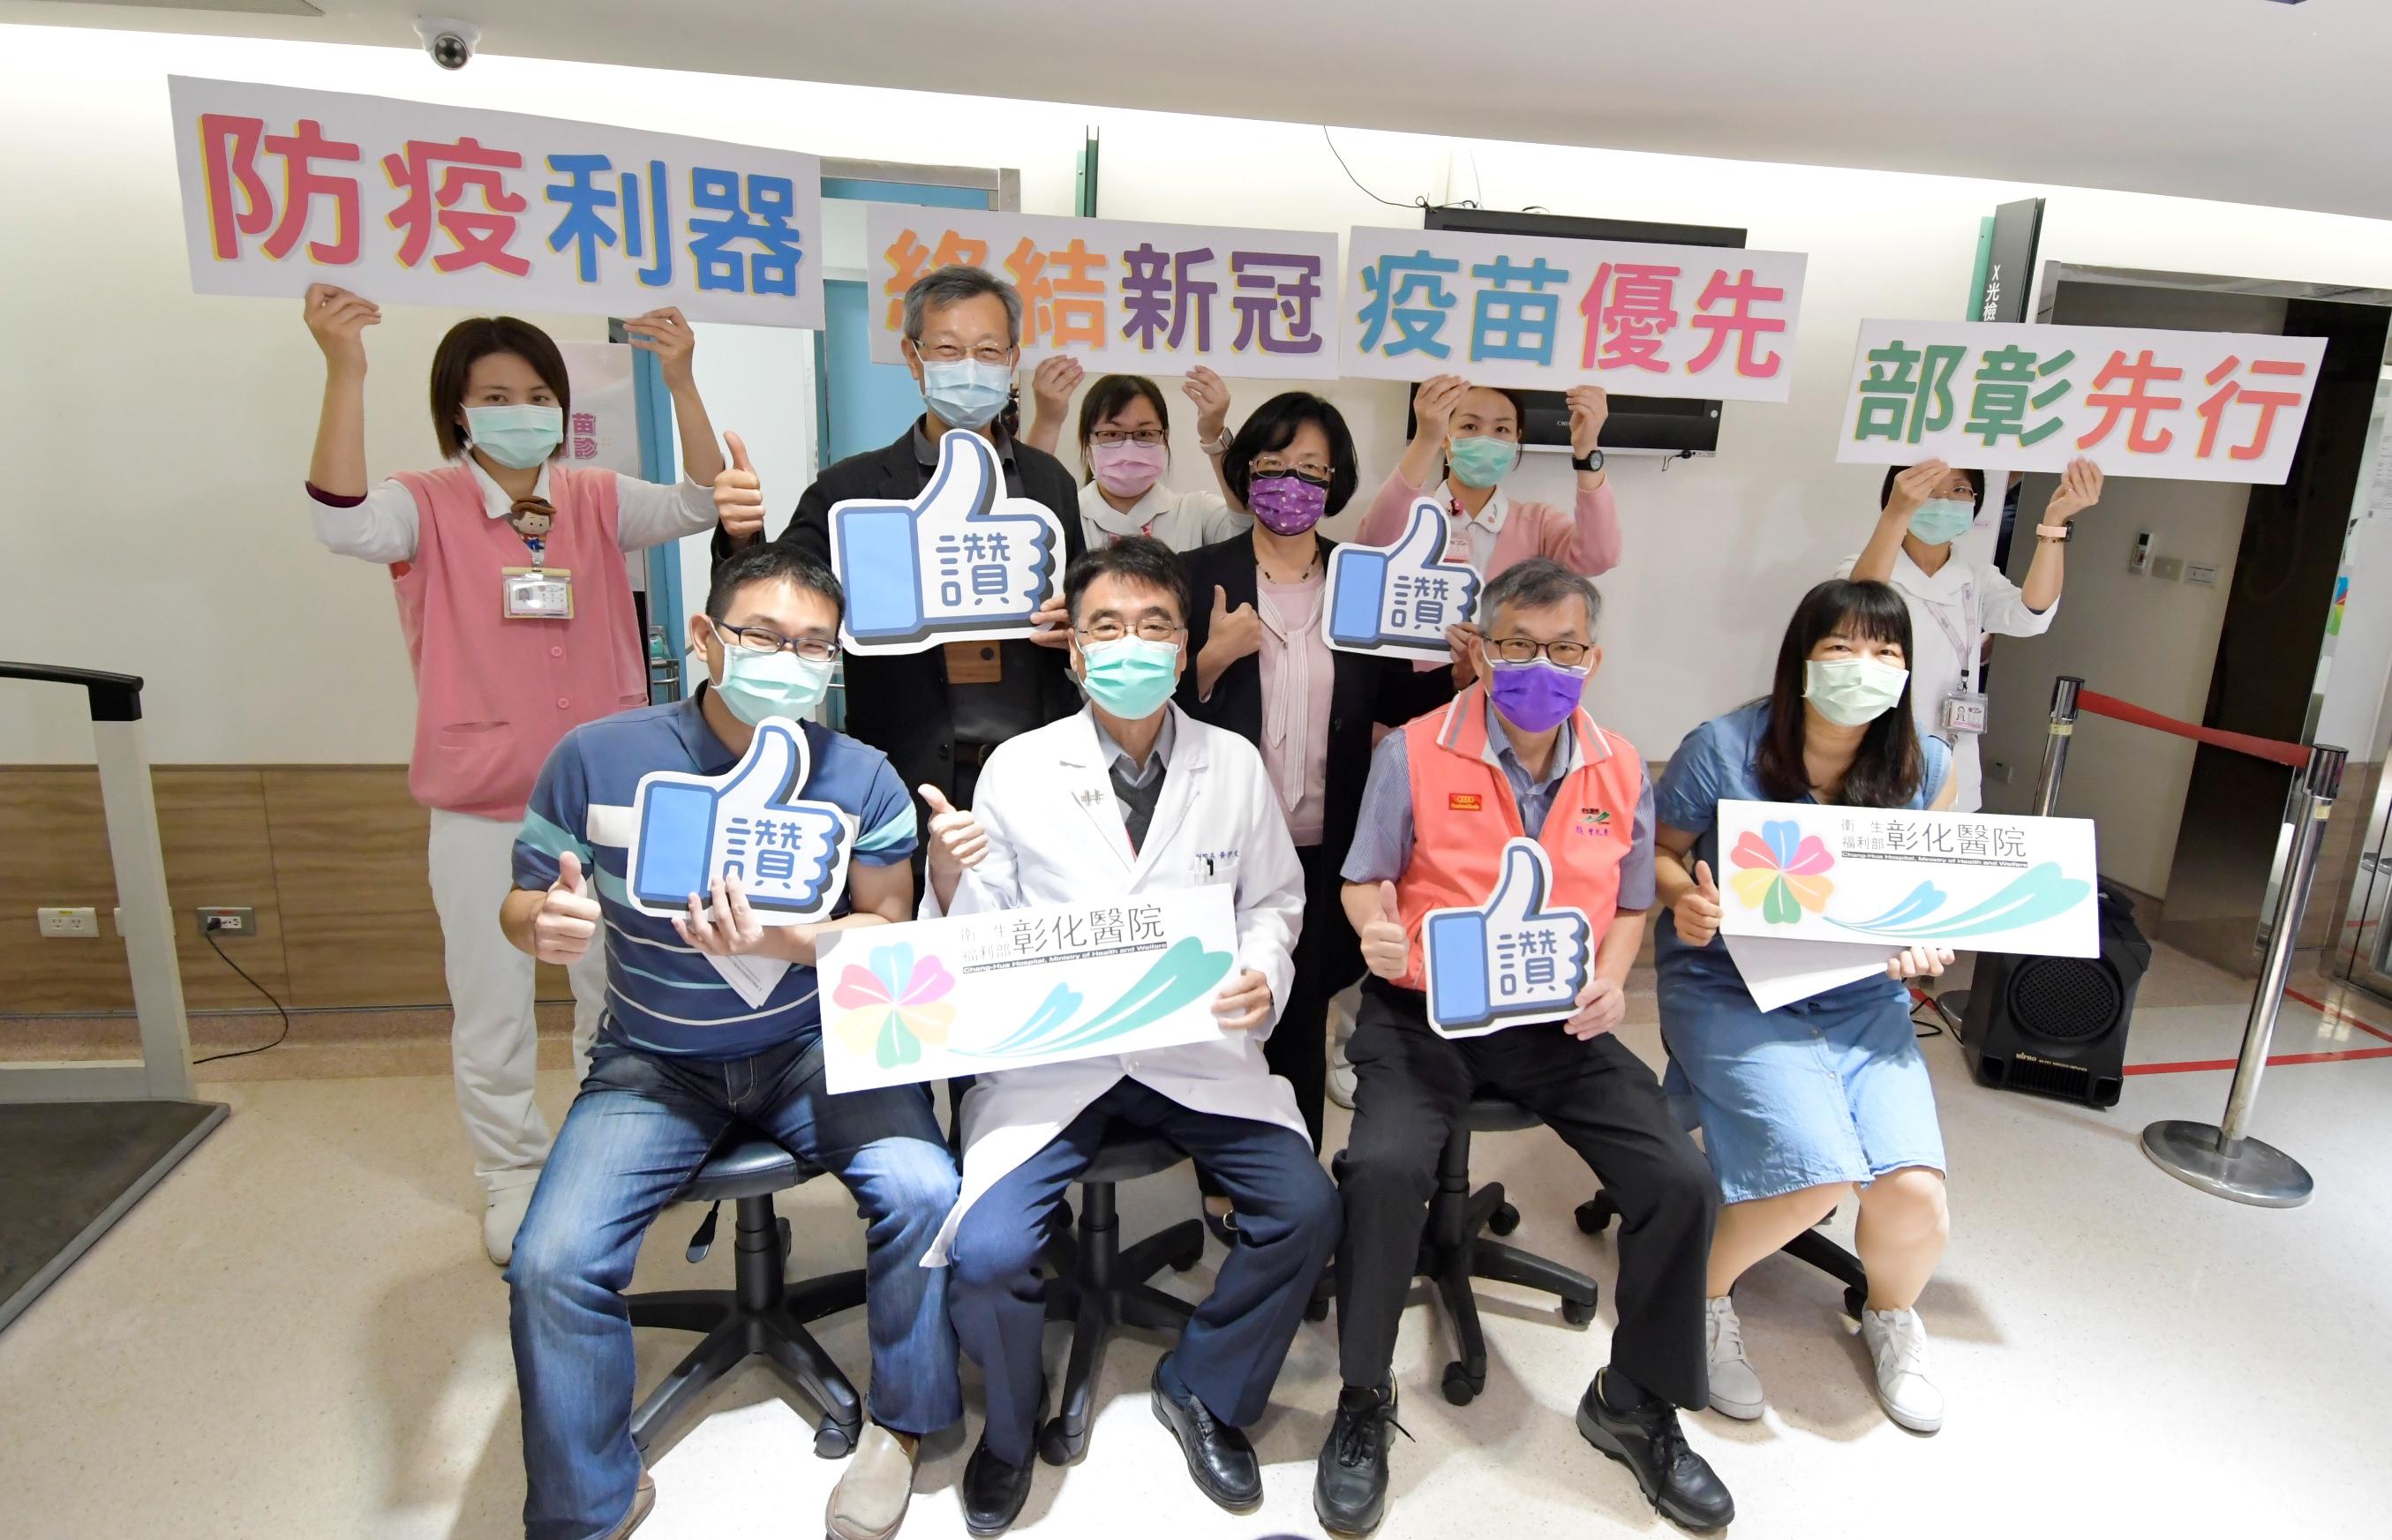 彰化縣COVID-19 AZ疫苗今日開打  第一波於部彰、彰基,提供縣內專責醫院醫護及工作人員接種